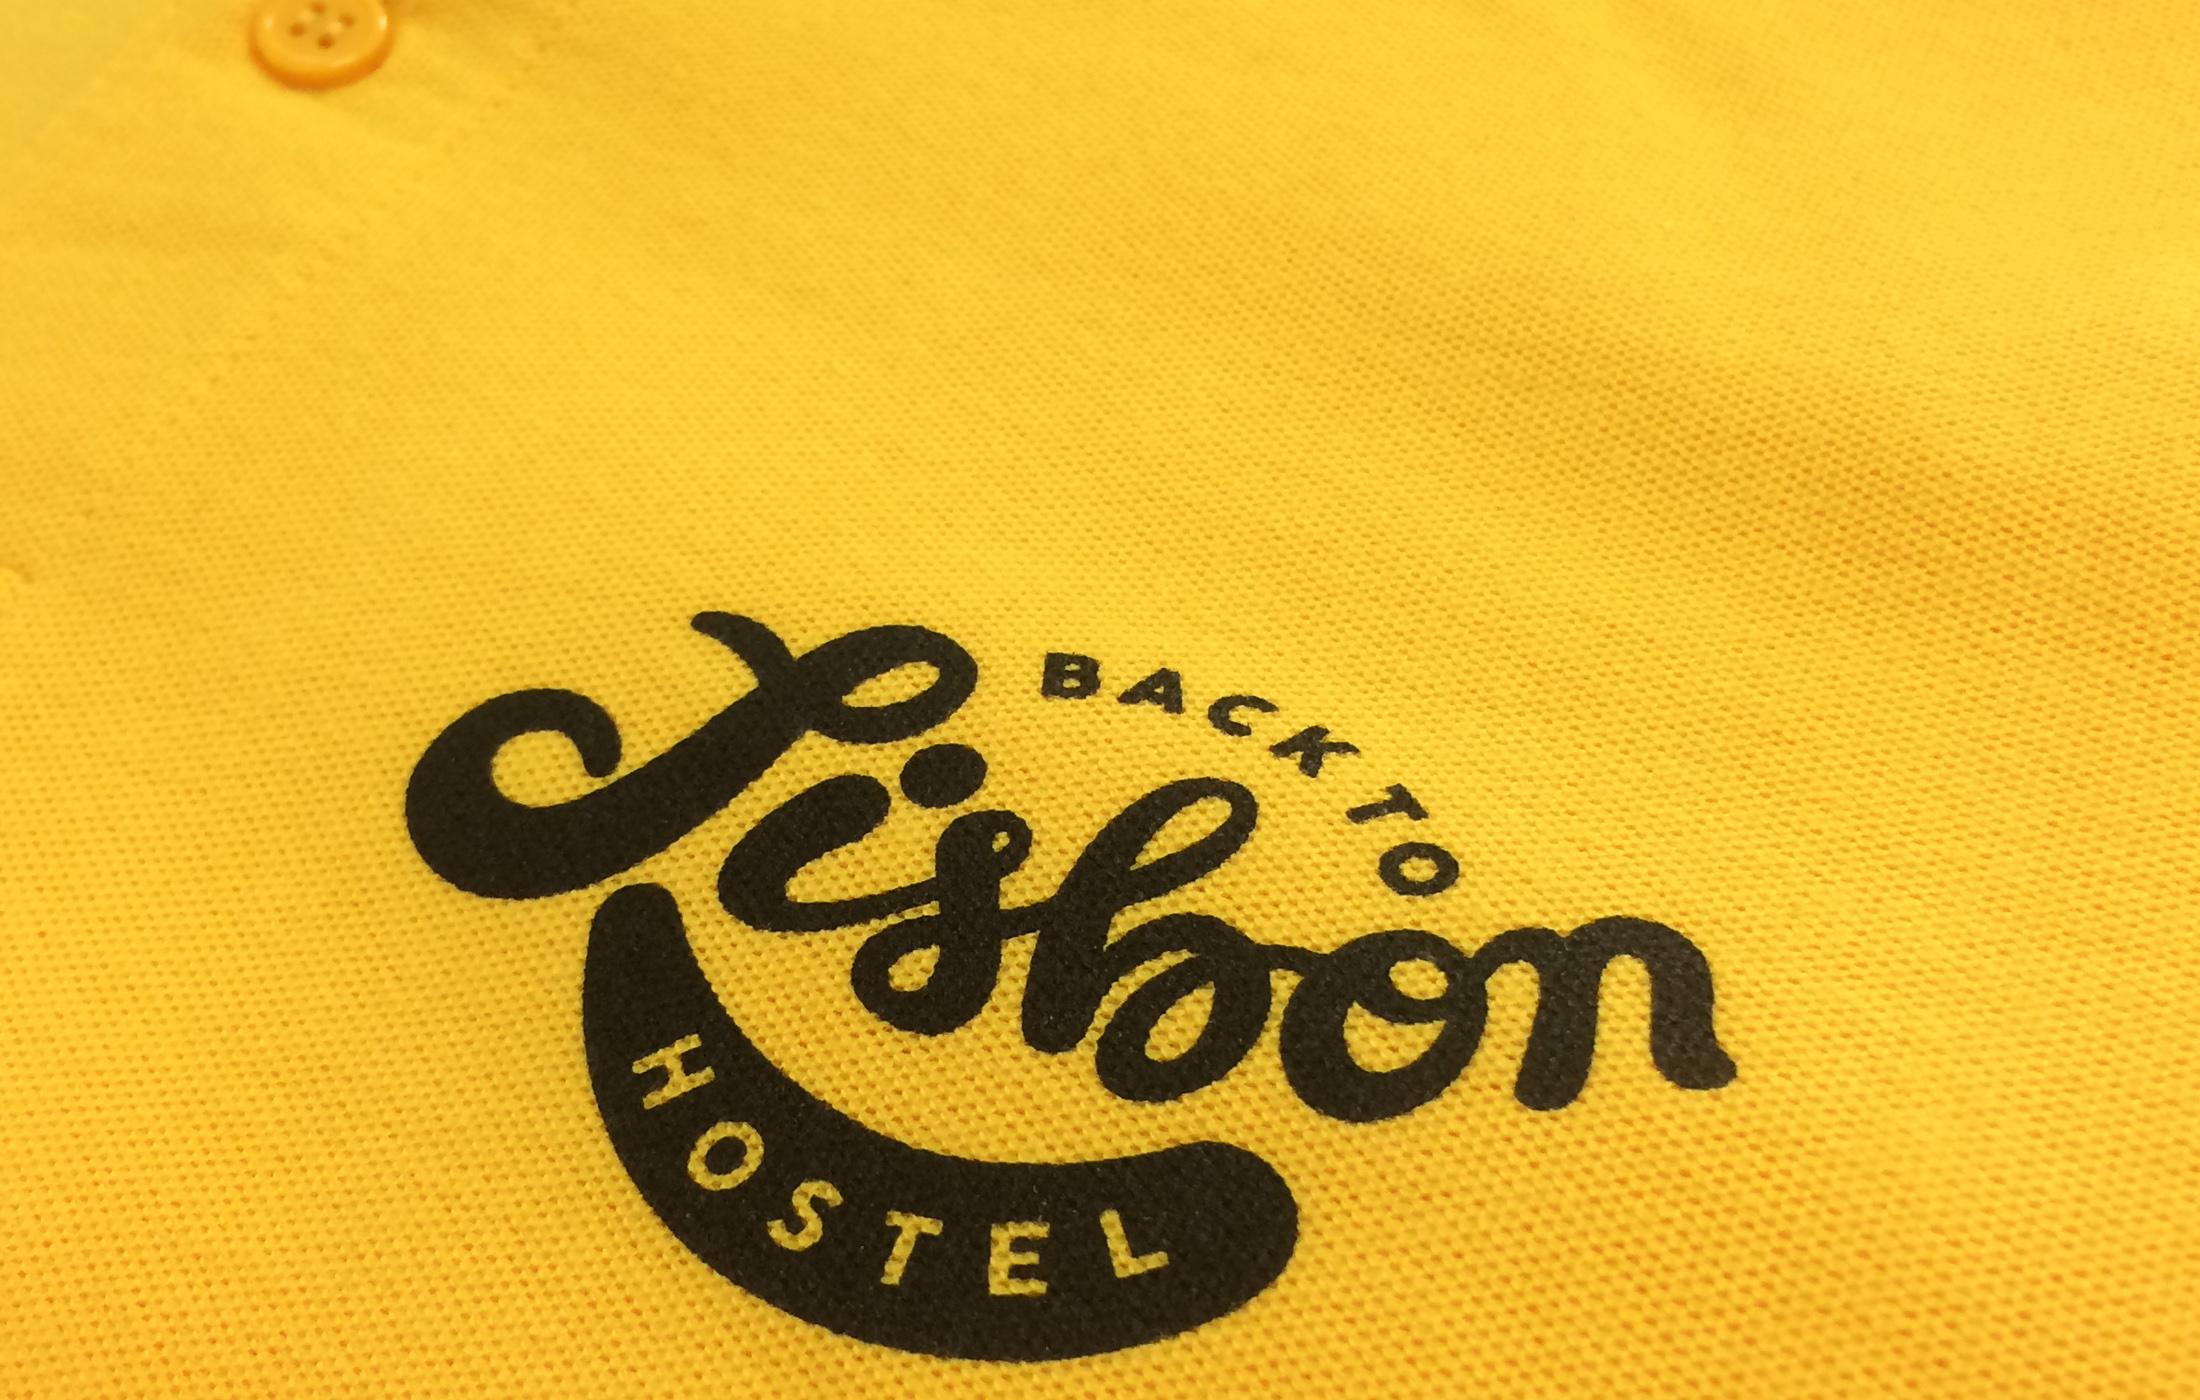 back-to-lisbon-carapau-amarelo